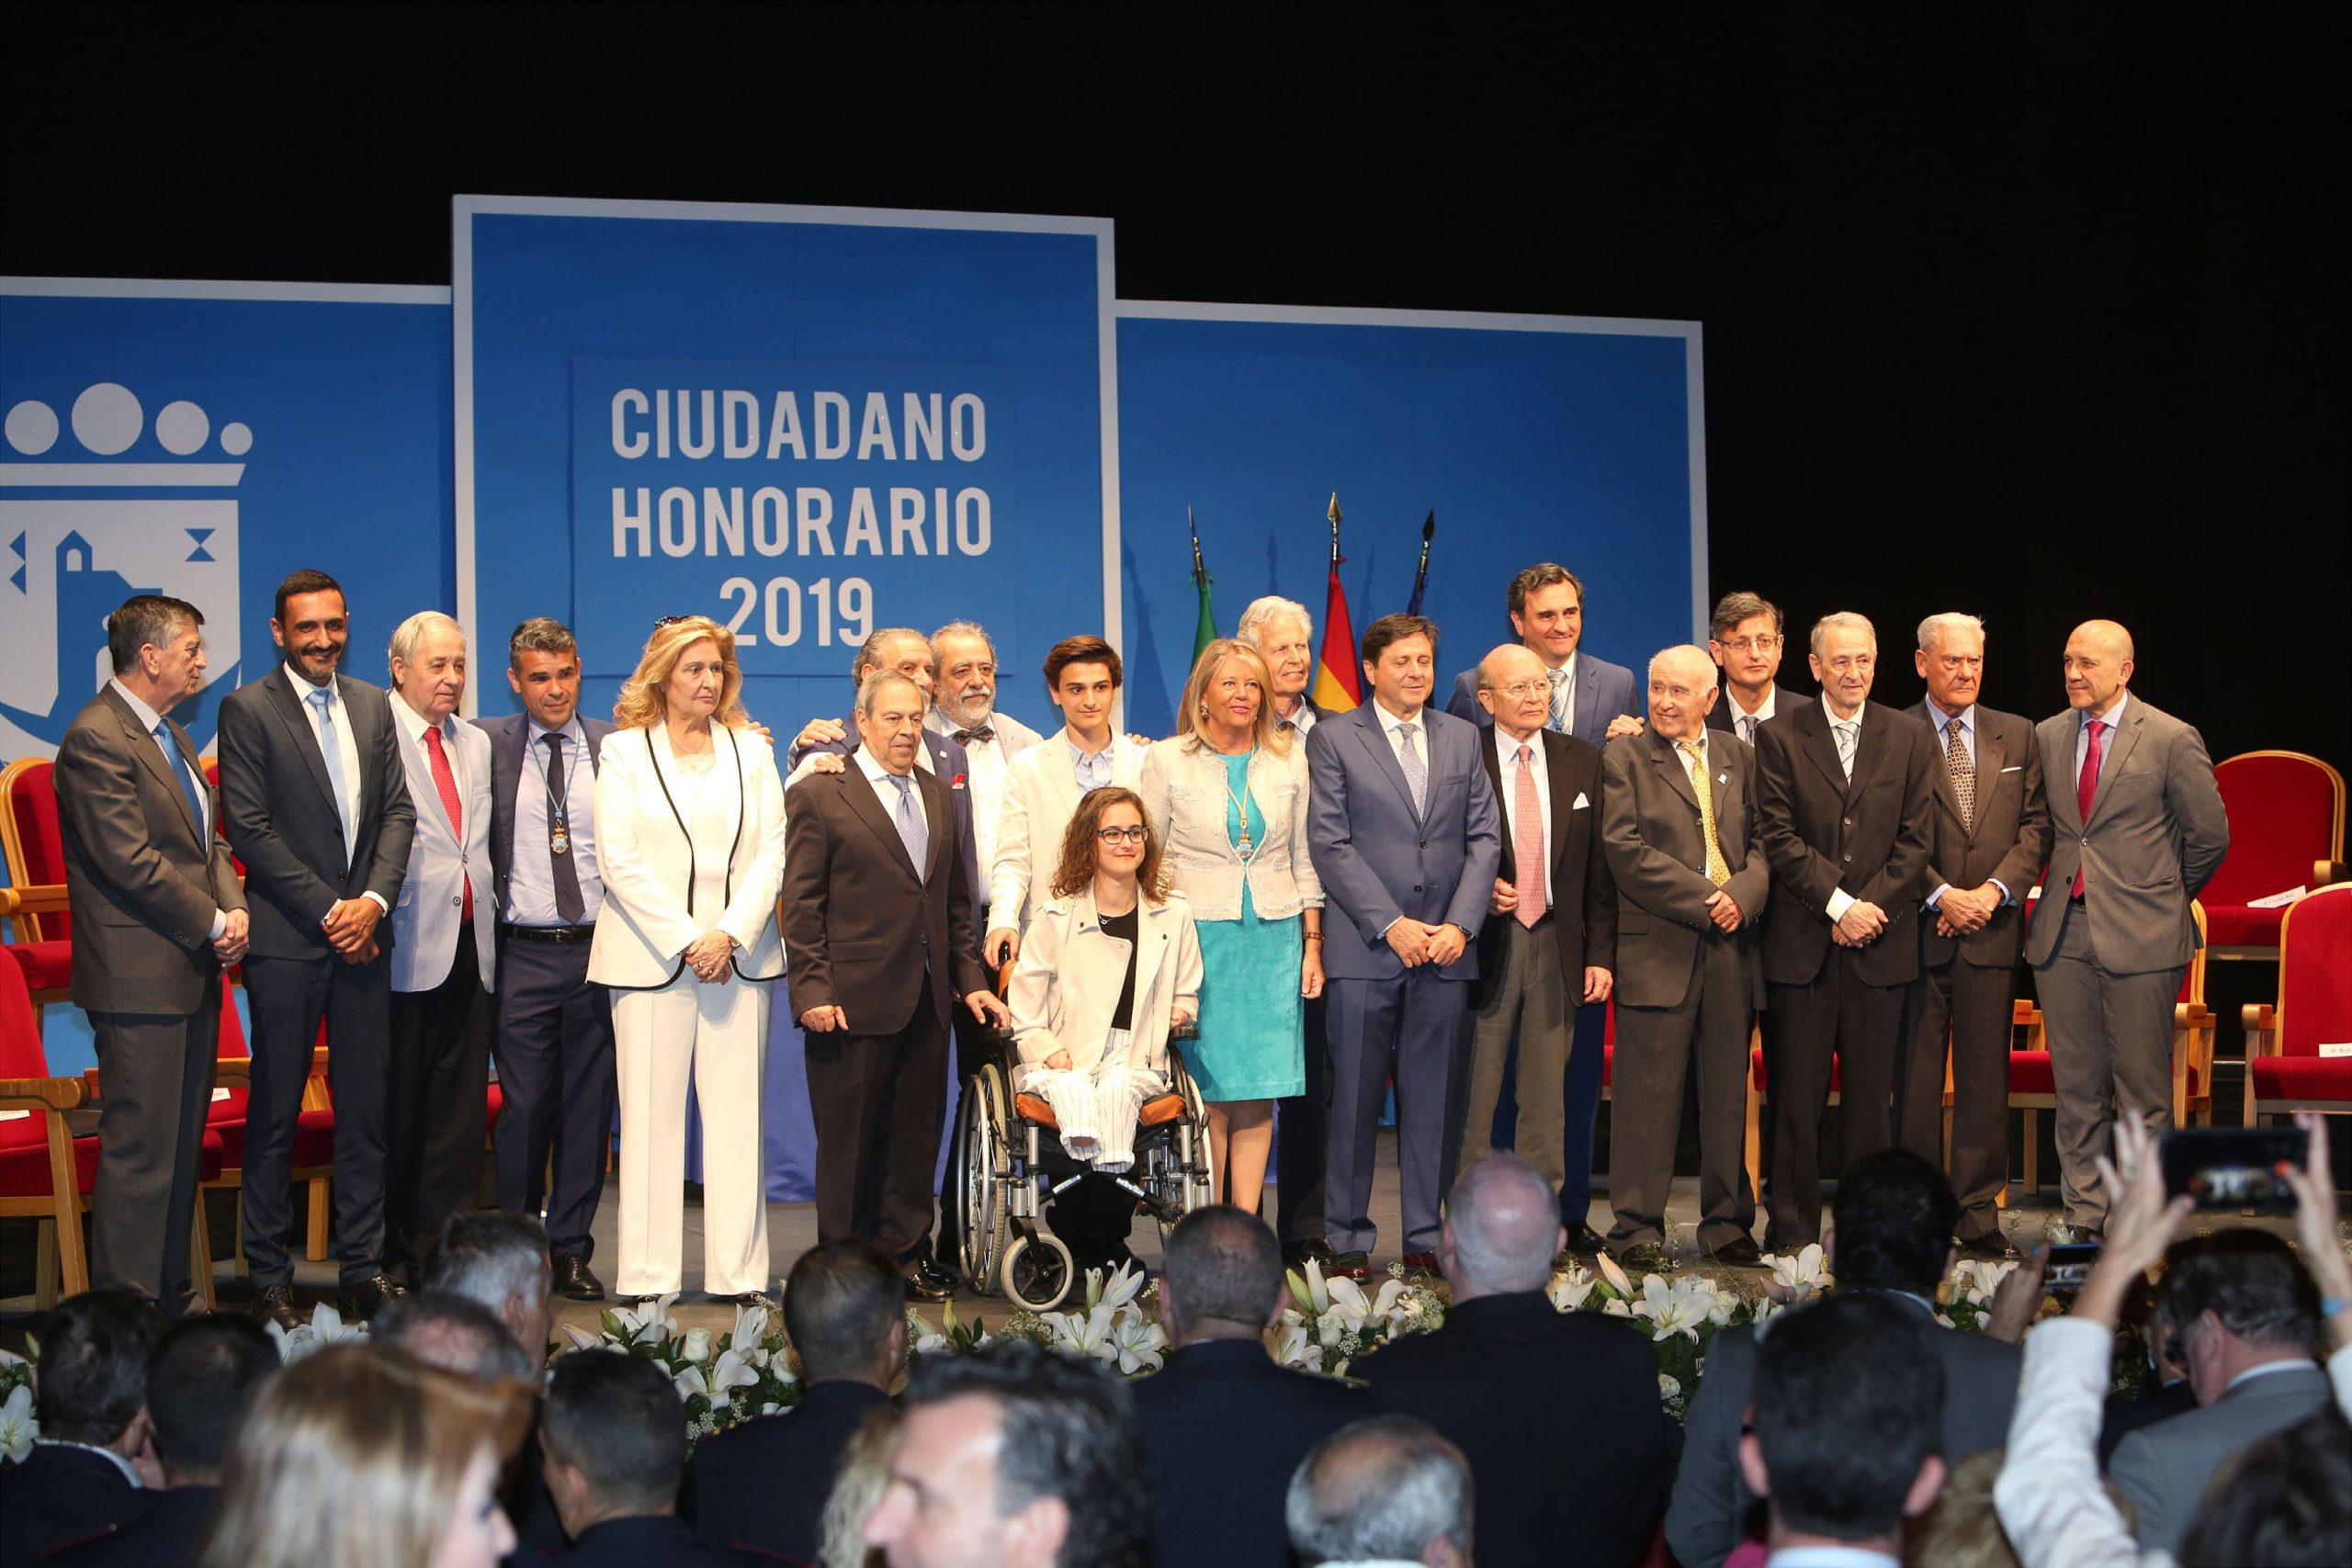 El Ayuntamiento entrega el título de Ciudadano Honorario a dieciséis vecinos de la ciudad